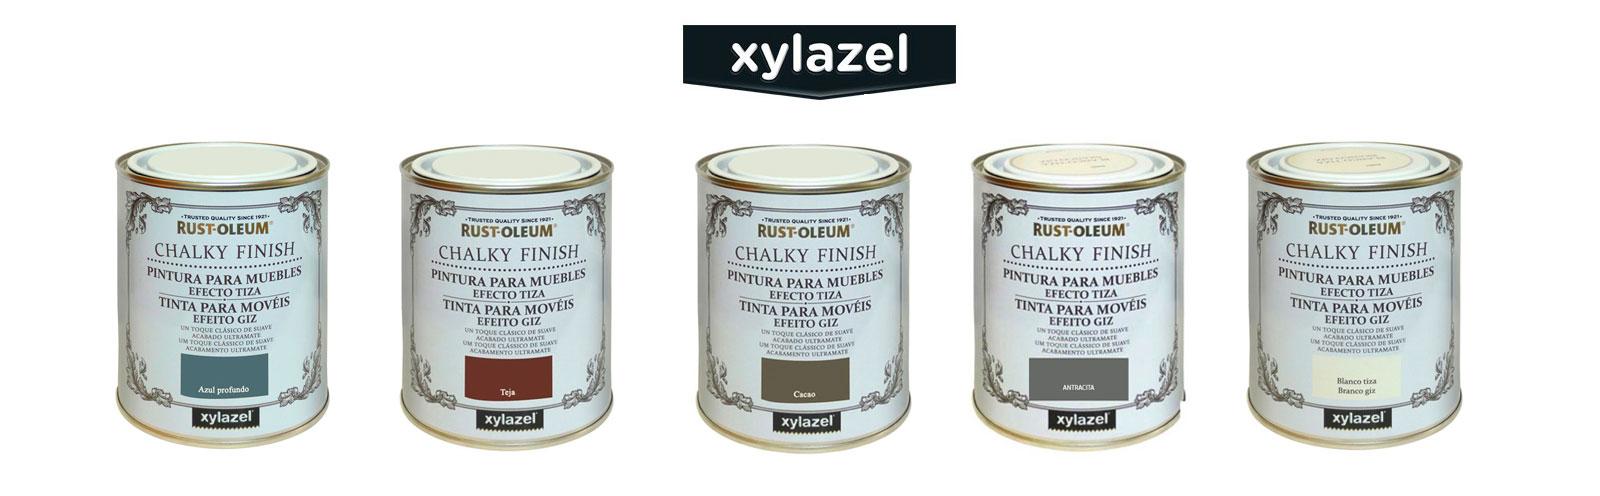 Brico+ | Pintura efecto tiza xylazel